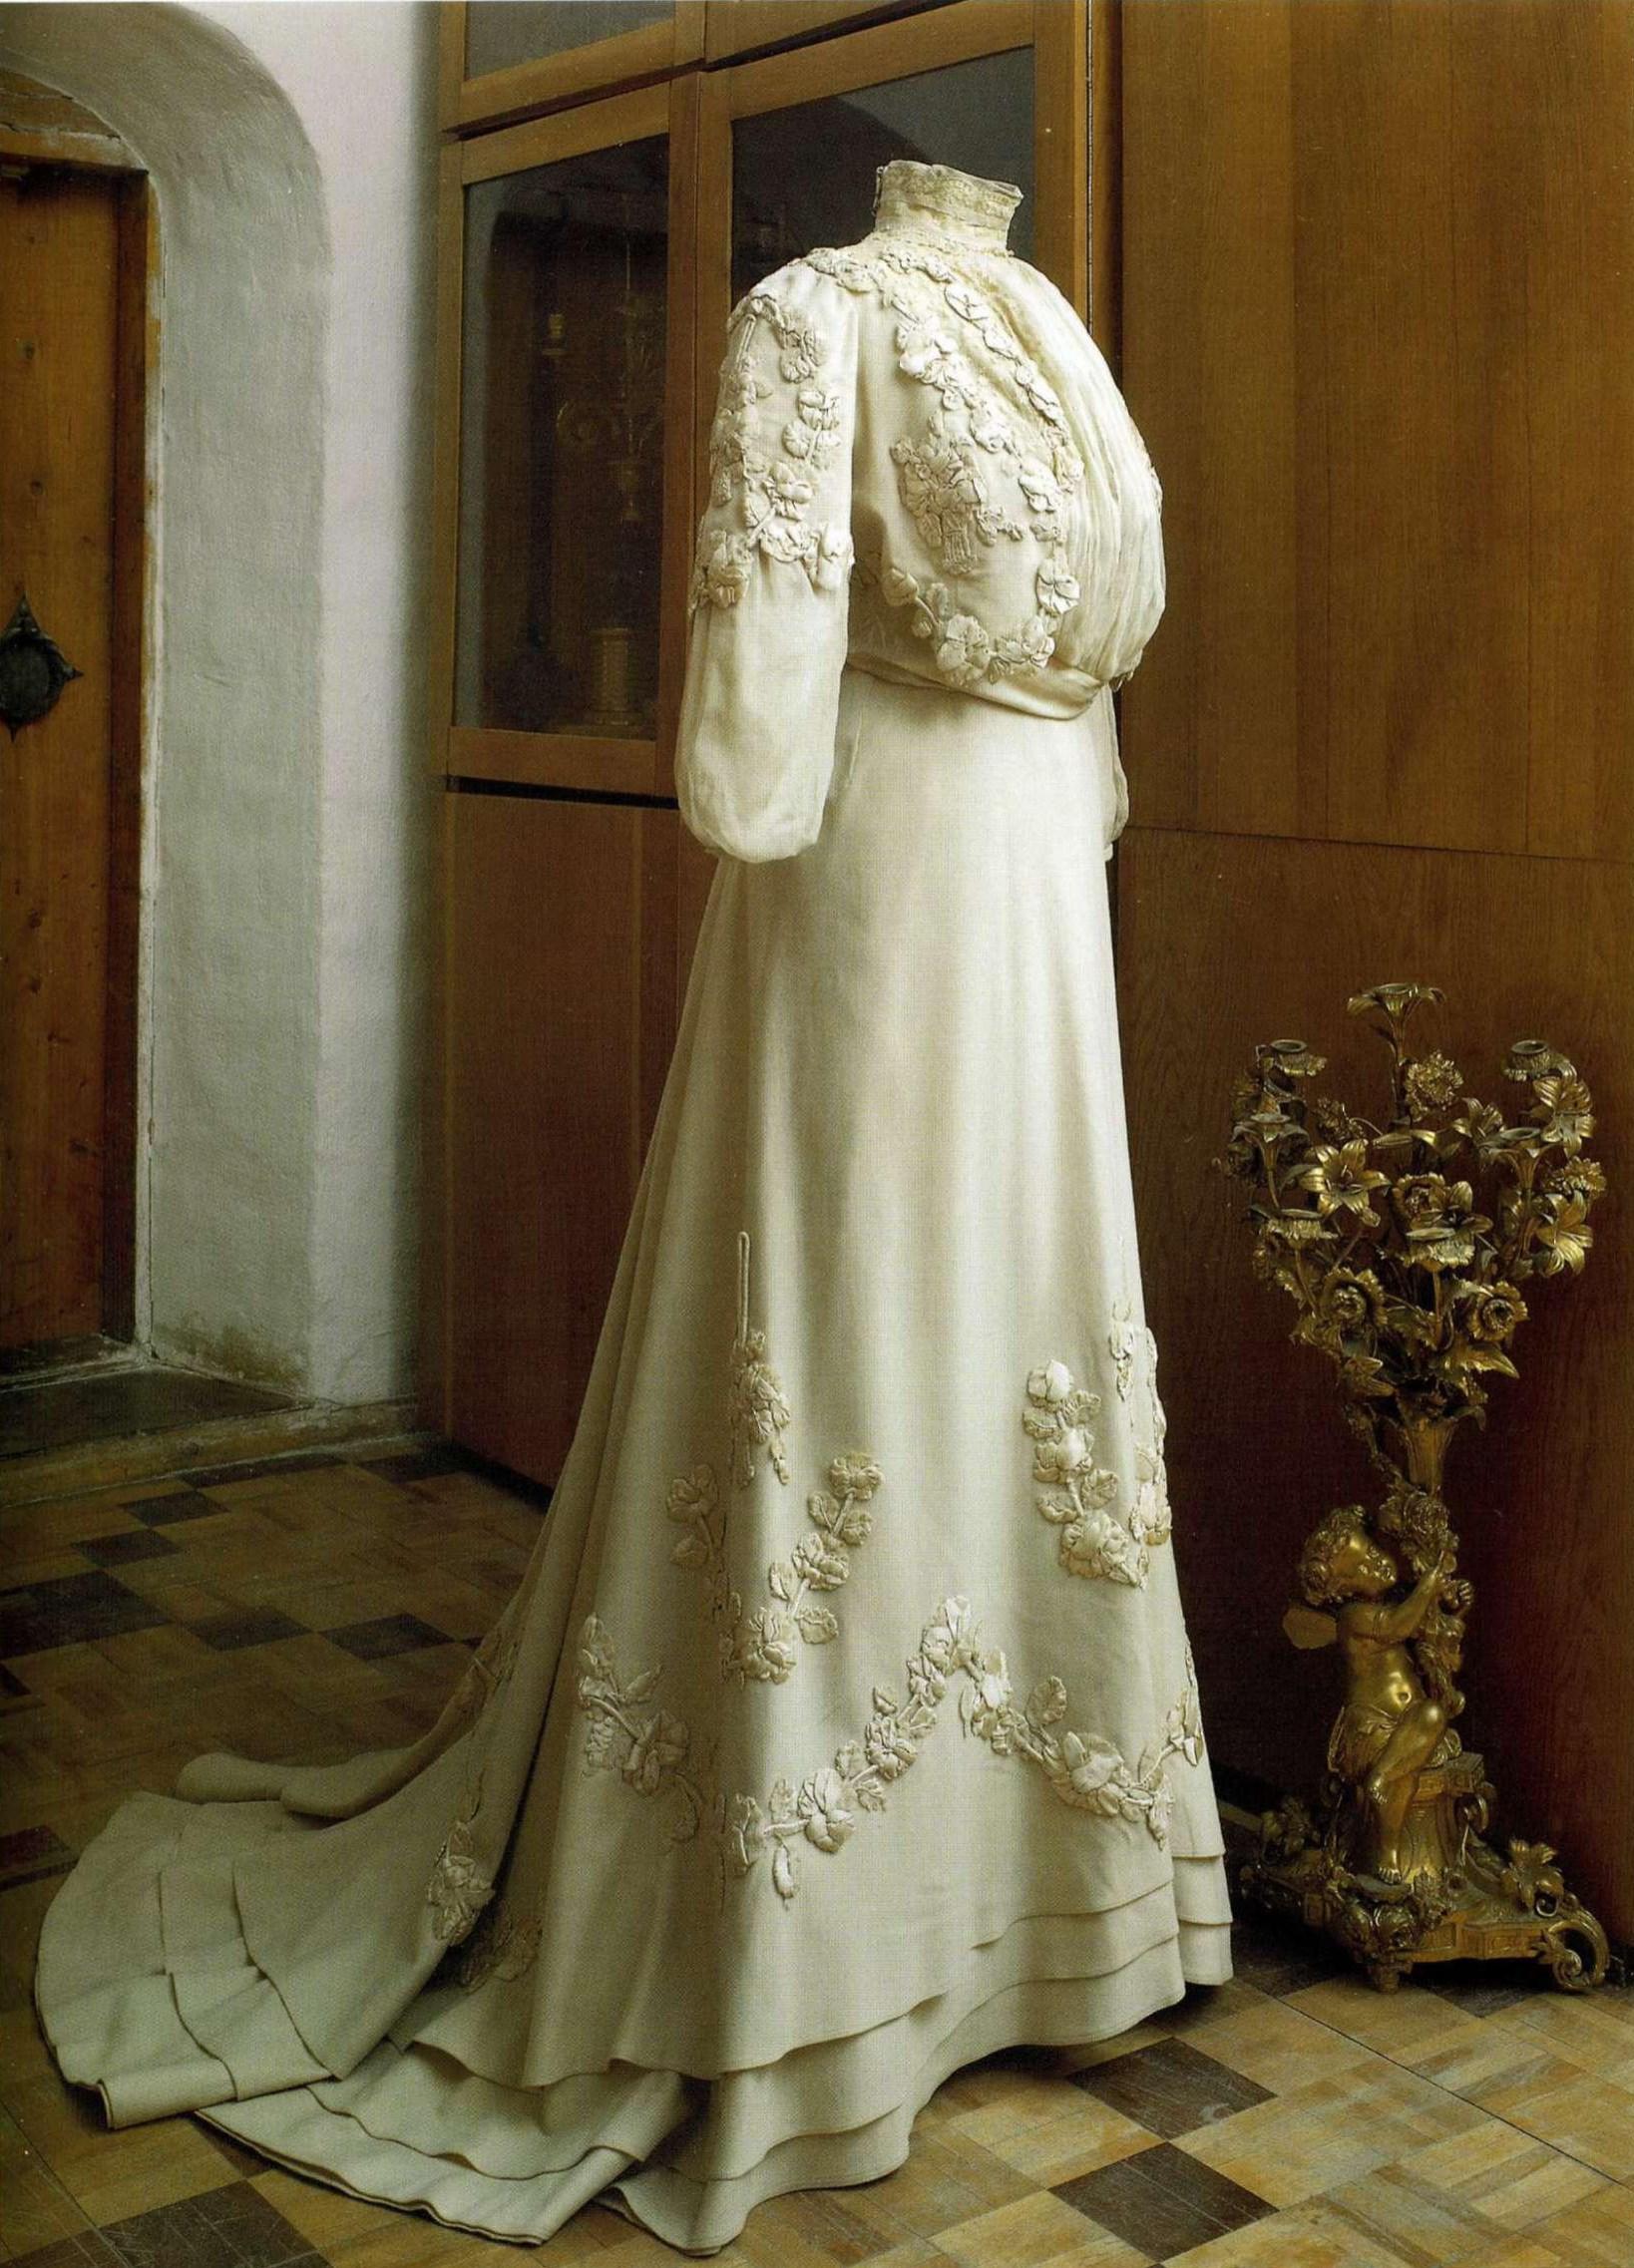 Женская мода 19 века в картинках и историях Немного о моде 20 века